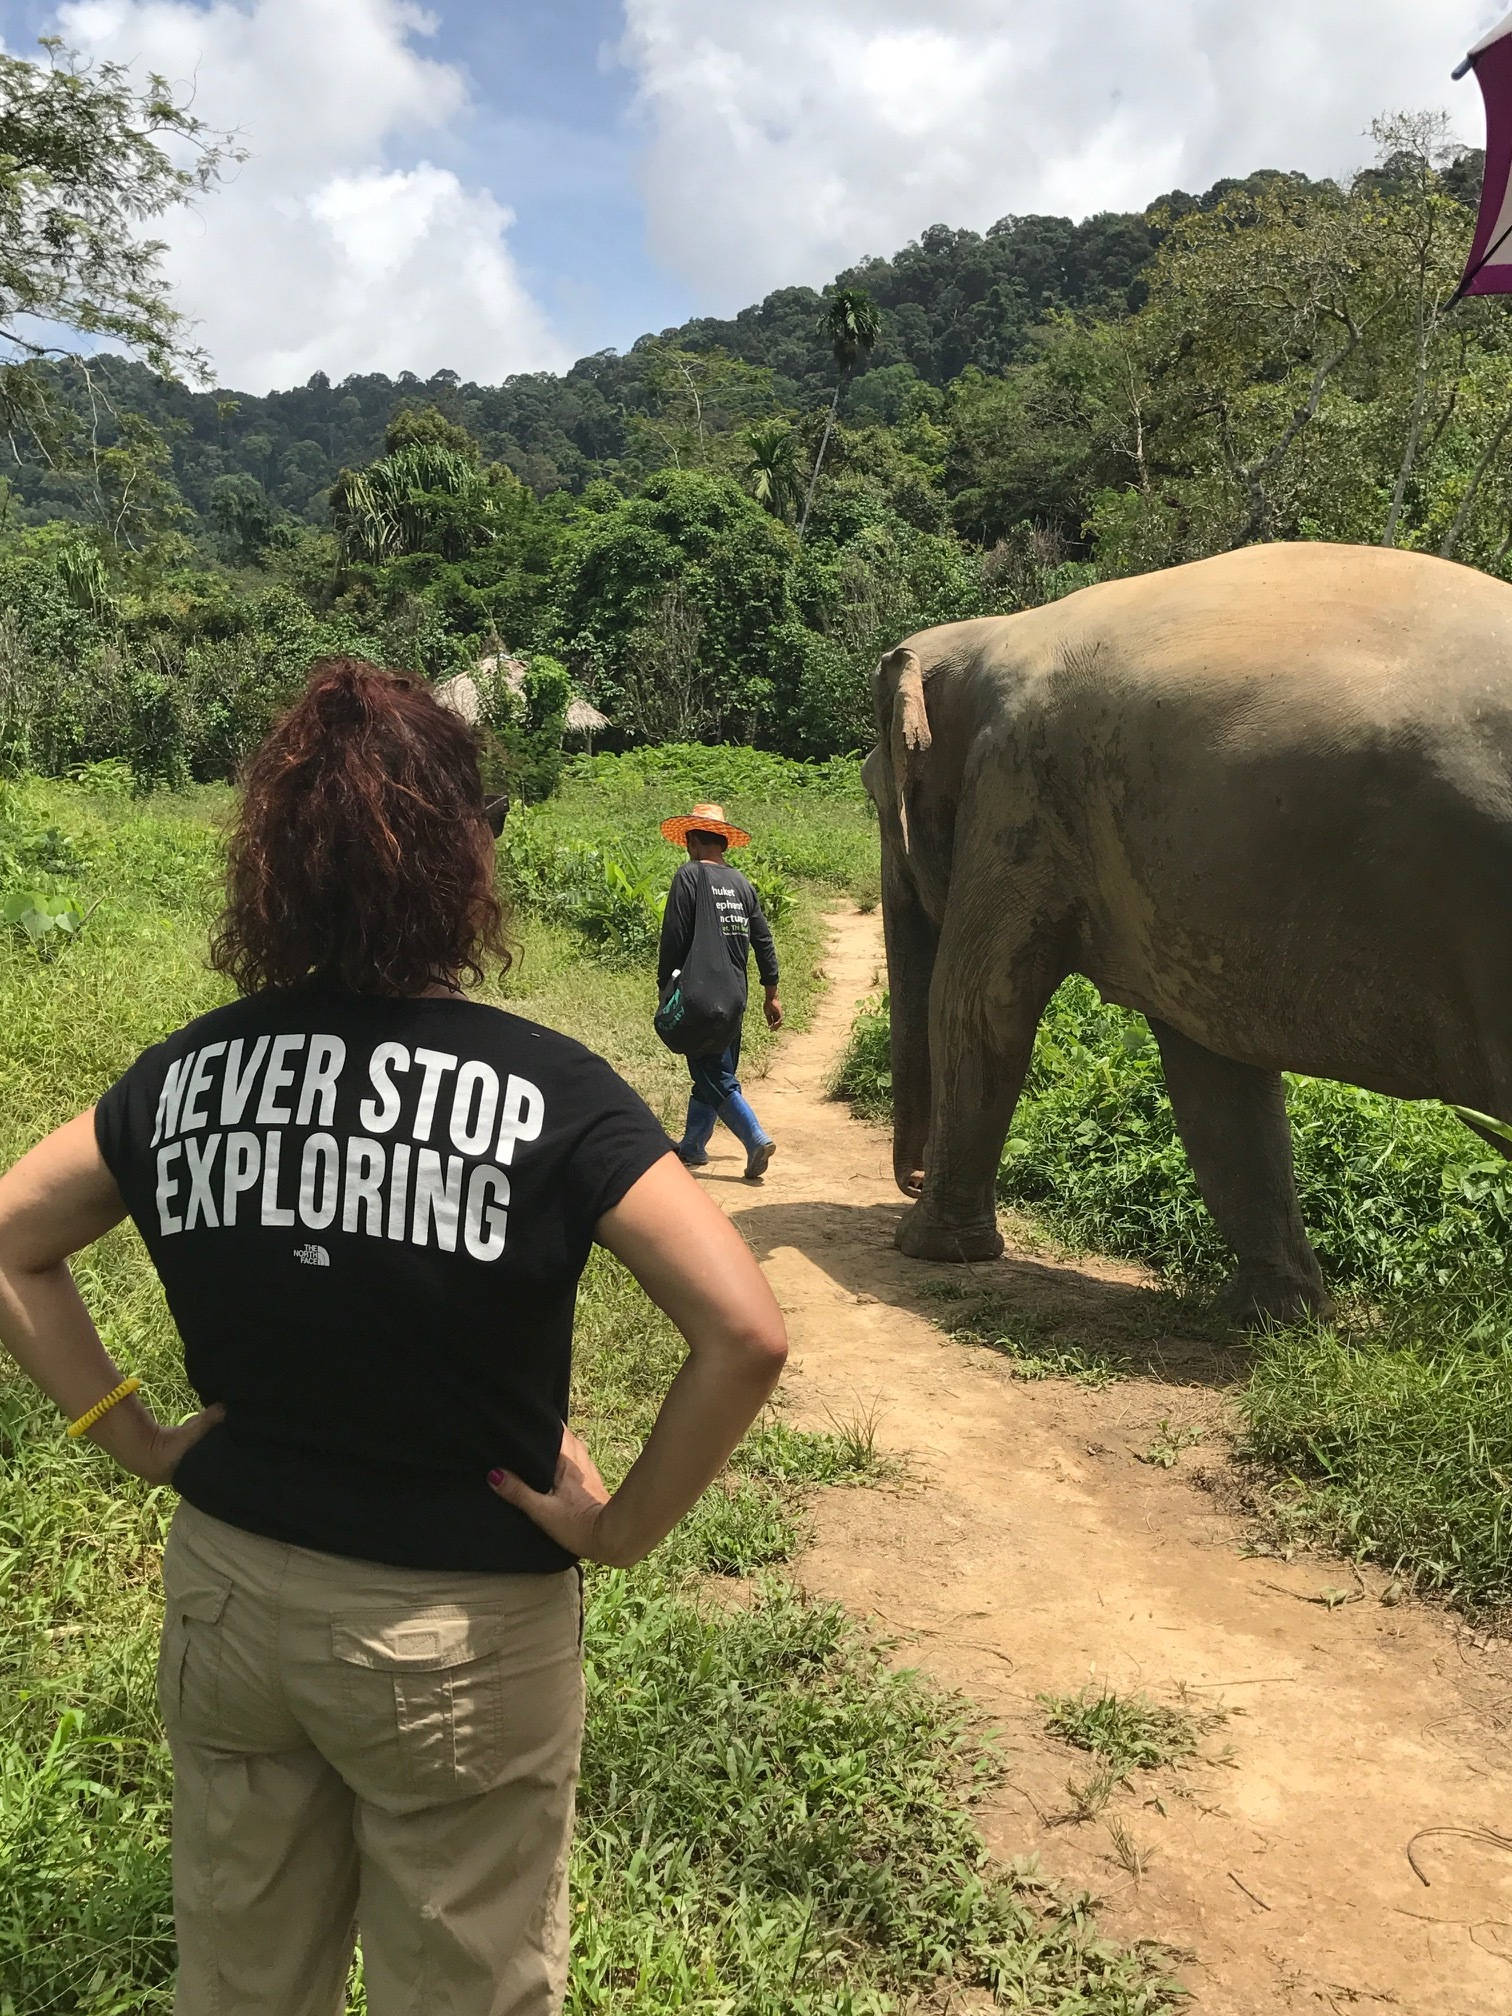 Exploring at the Phuket Elephant Sanctuary - www.stamepdwithaloha.com